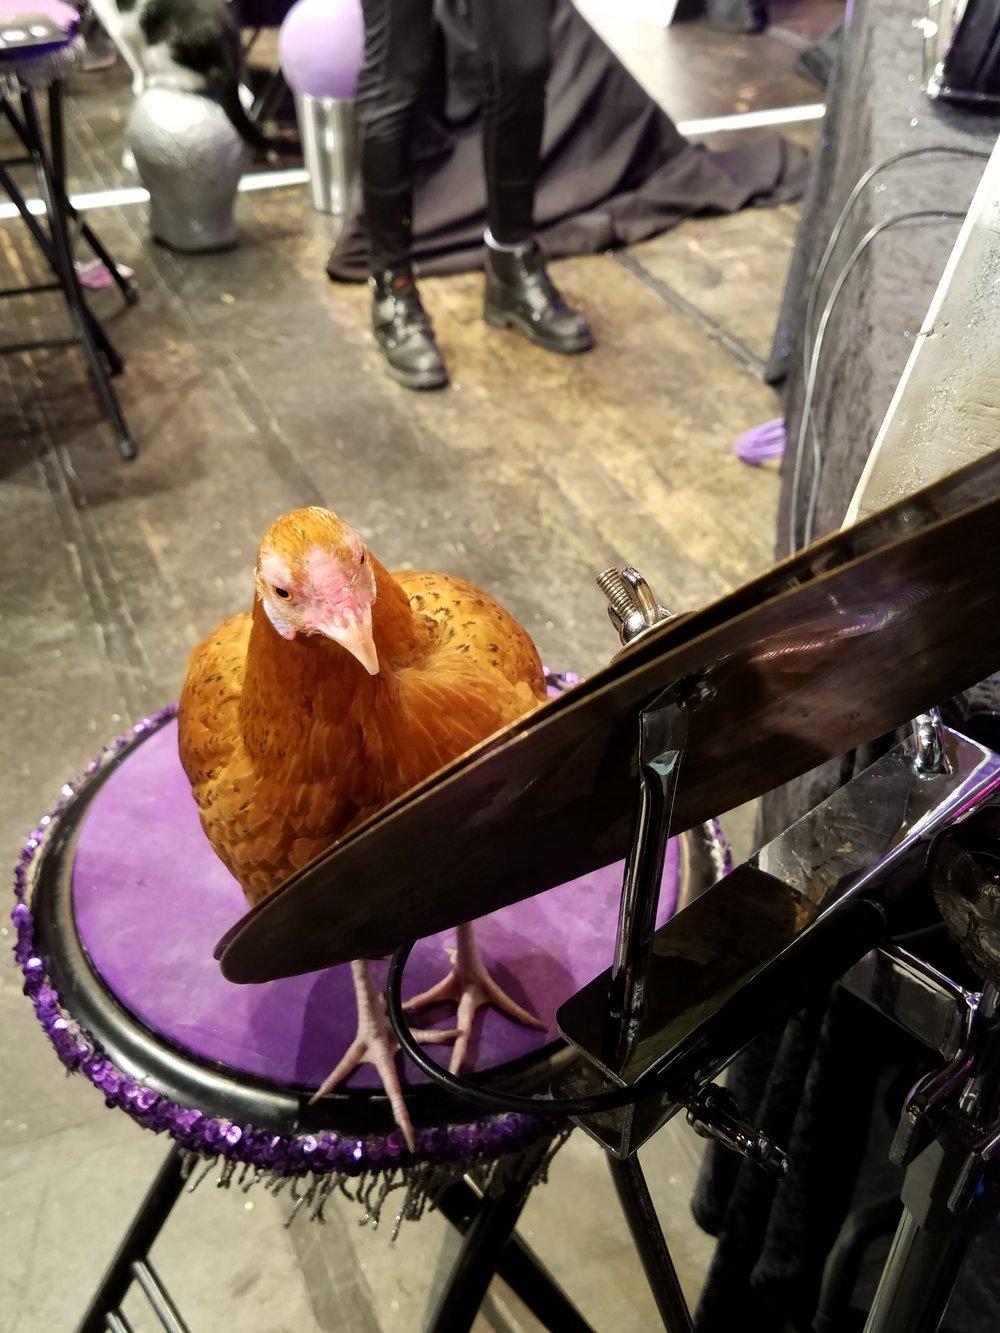 cluck-norris-acro-cats-chicken-drummer